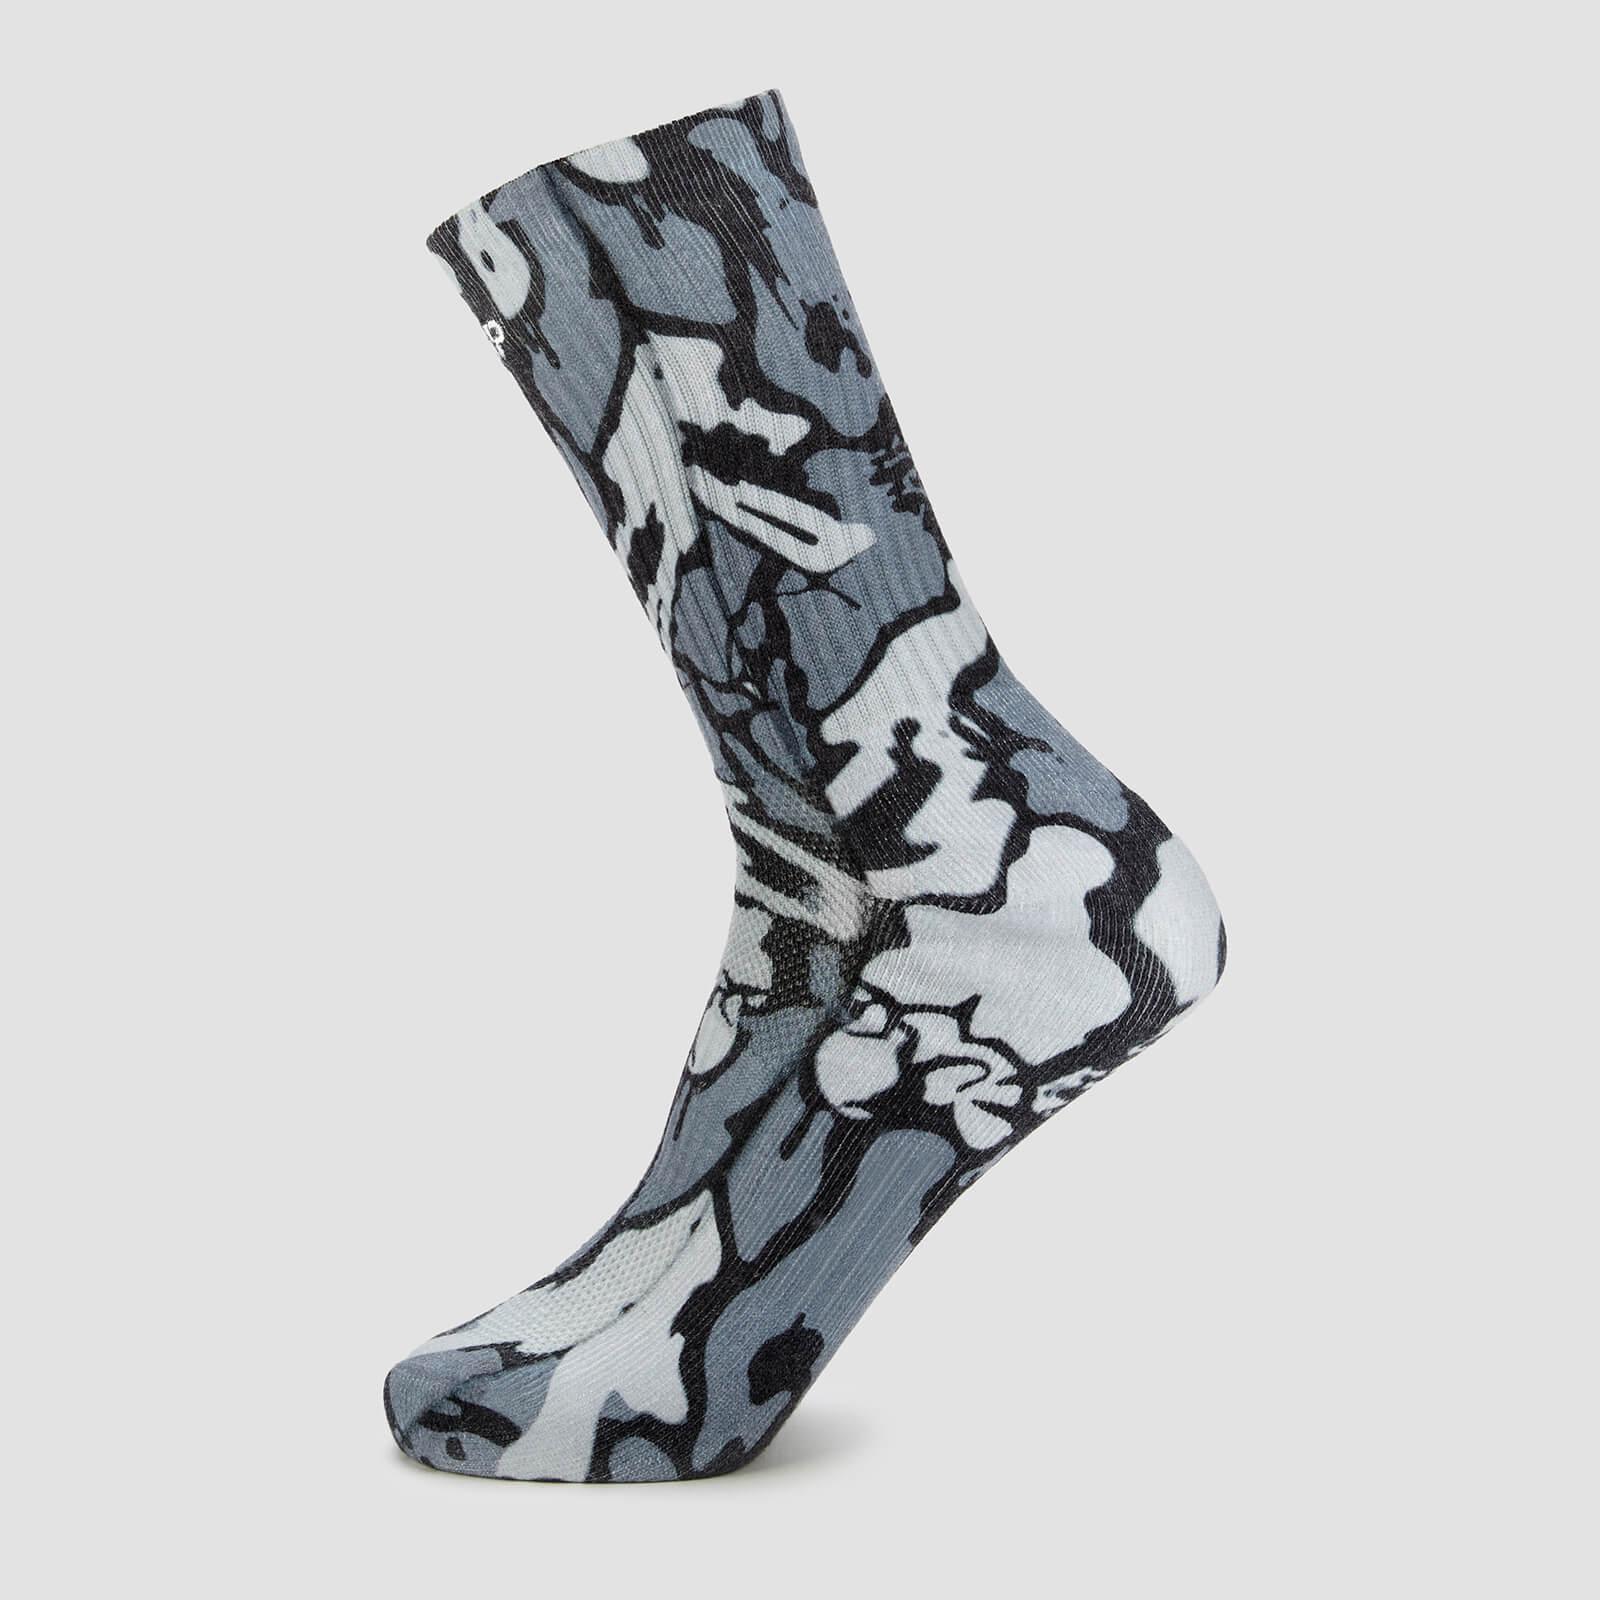 Матросские носки MP x Hexxee Adapt - Mens UK 6-8.5, Myprotein International  - купить со скидкой